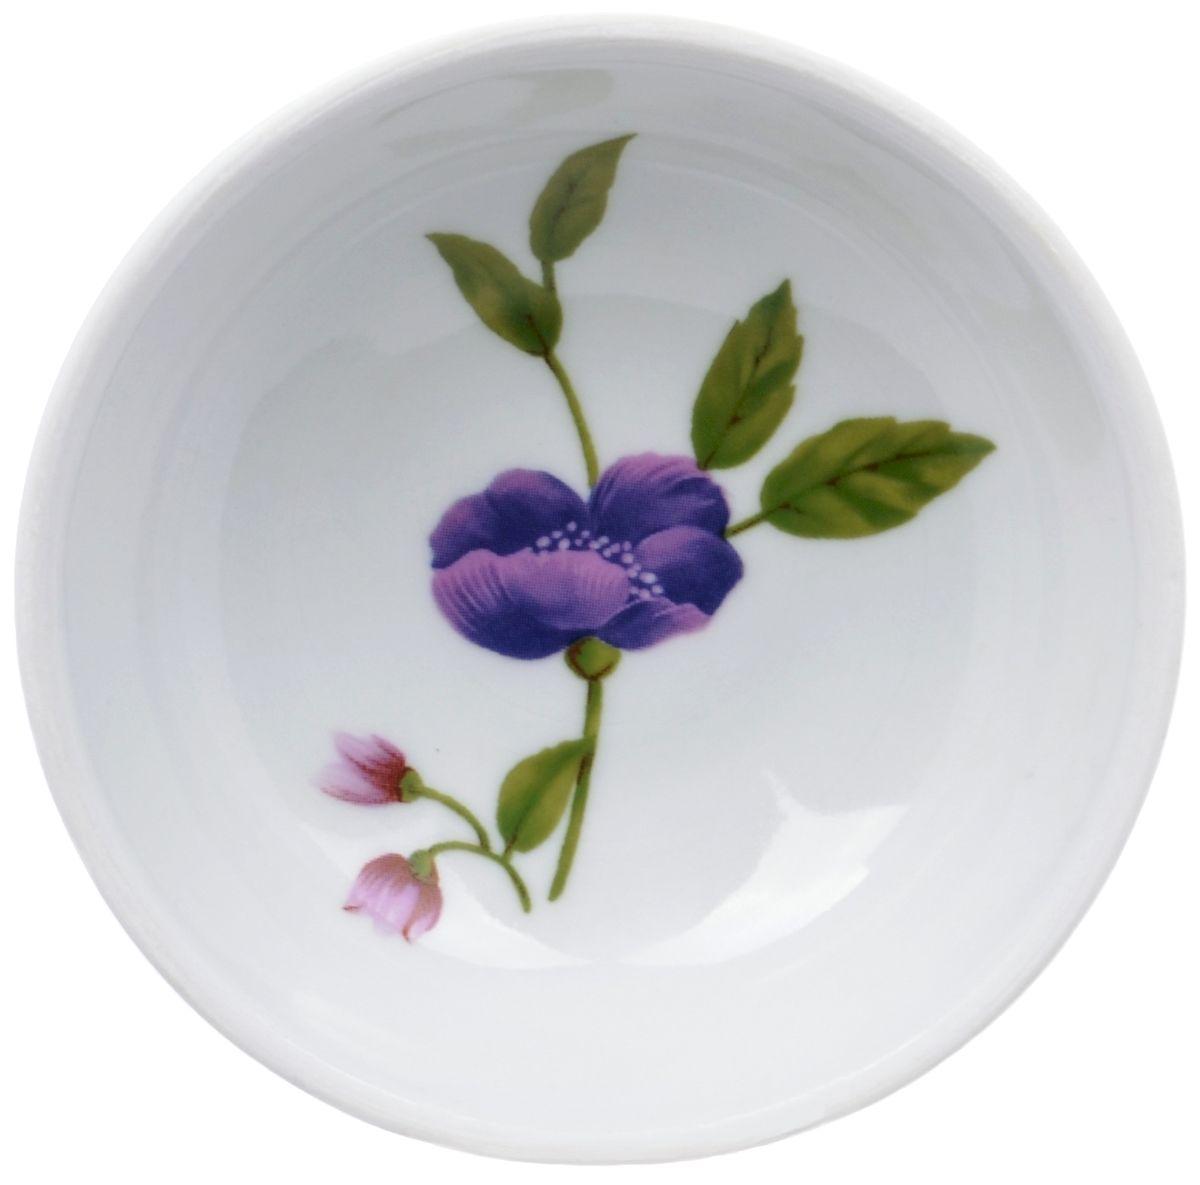 Блюдце Дулевский фарфор Луговые цветы, диаметр 9 смVT-1520(SR)Блюдце Дулевский фарфор Луговые цветы, изготовленное из высококачественного фарфора, оформлено ярким цветочным рисунком. Блюдце украсит сервировку вашего стола. Можно использовать в микроволновой печи и мыть в посудомоечной машине. Не рекомендуется использовать абразивные моющие средства.